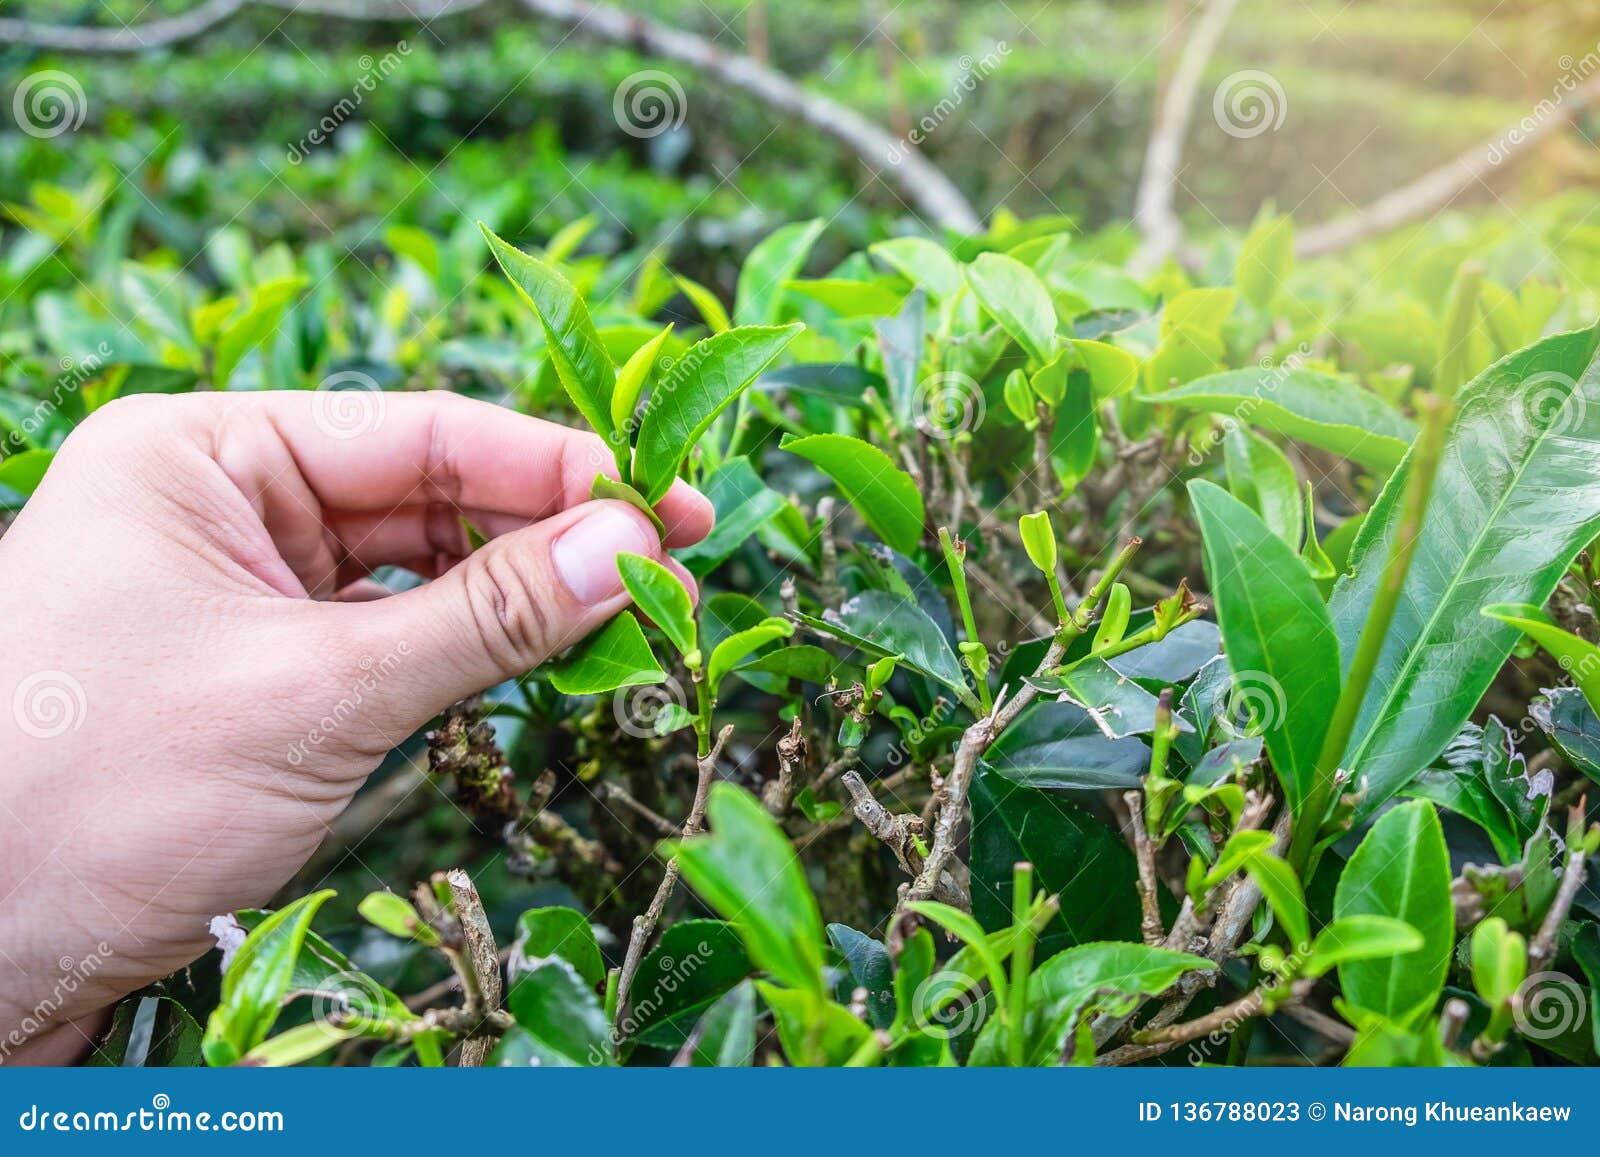 La mano escogió las hojas de té verdes